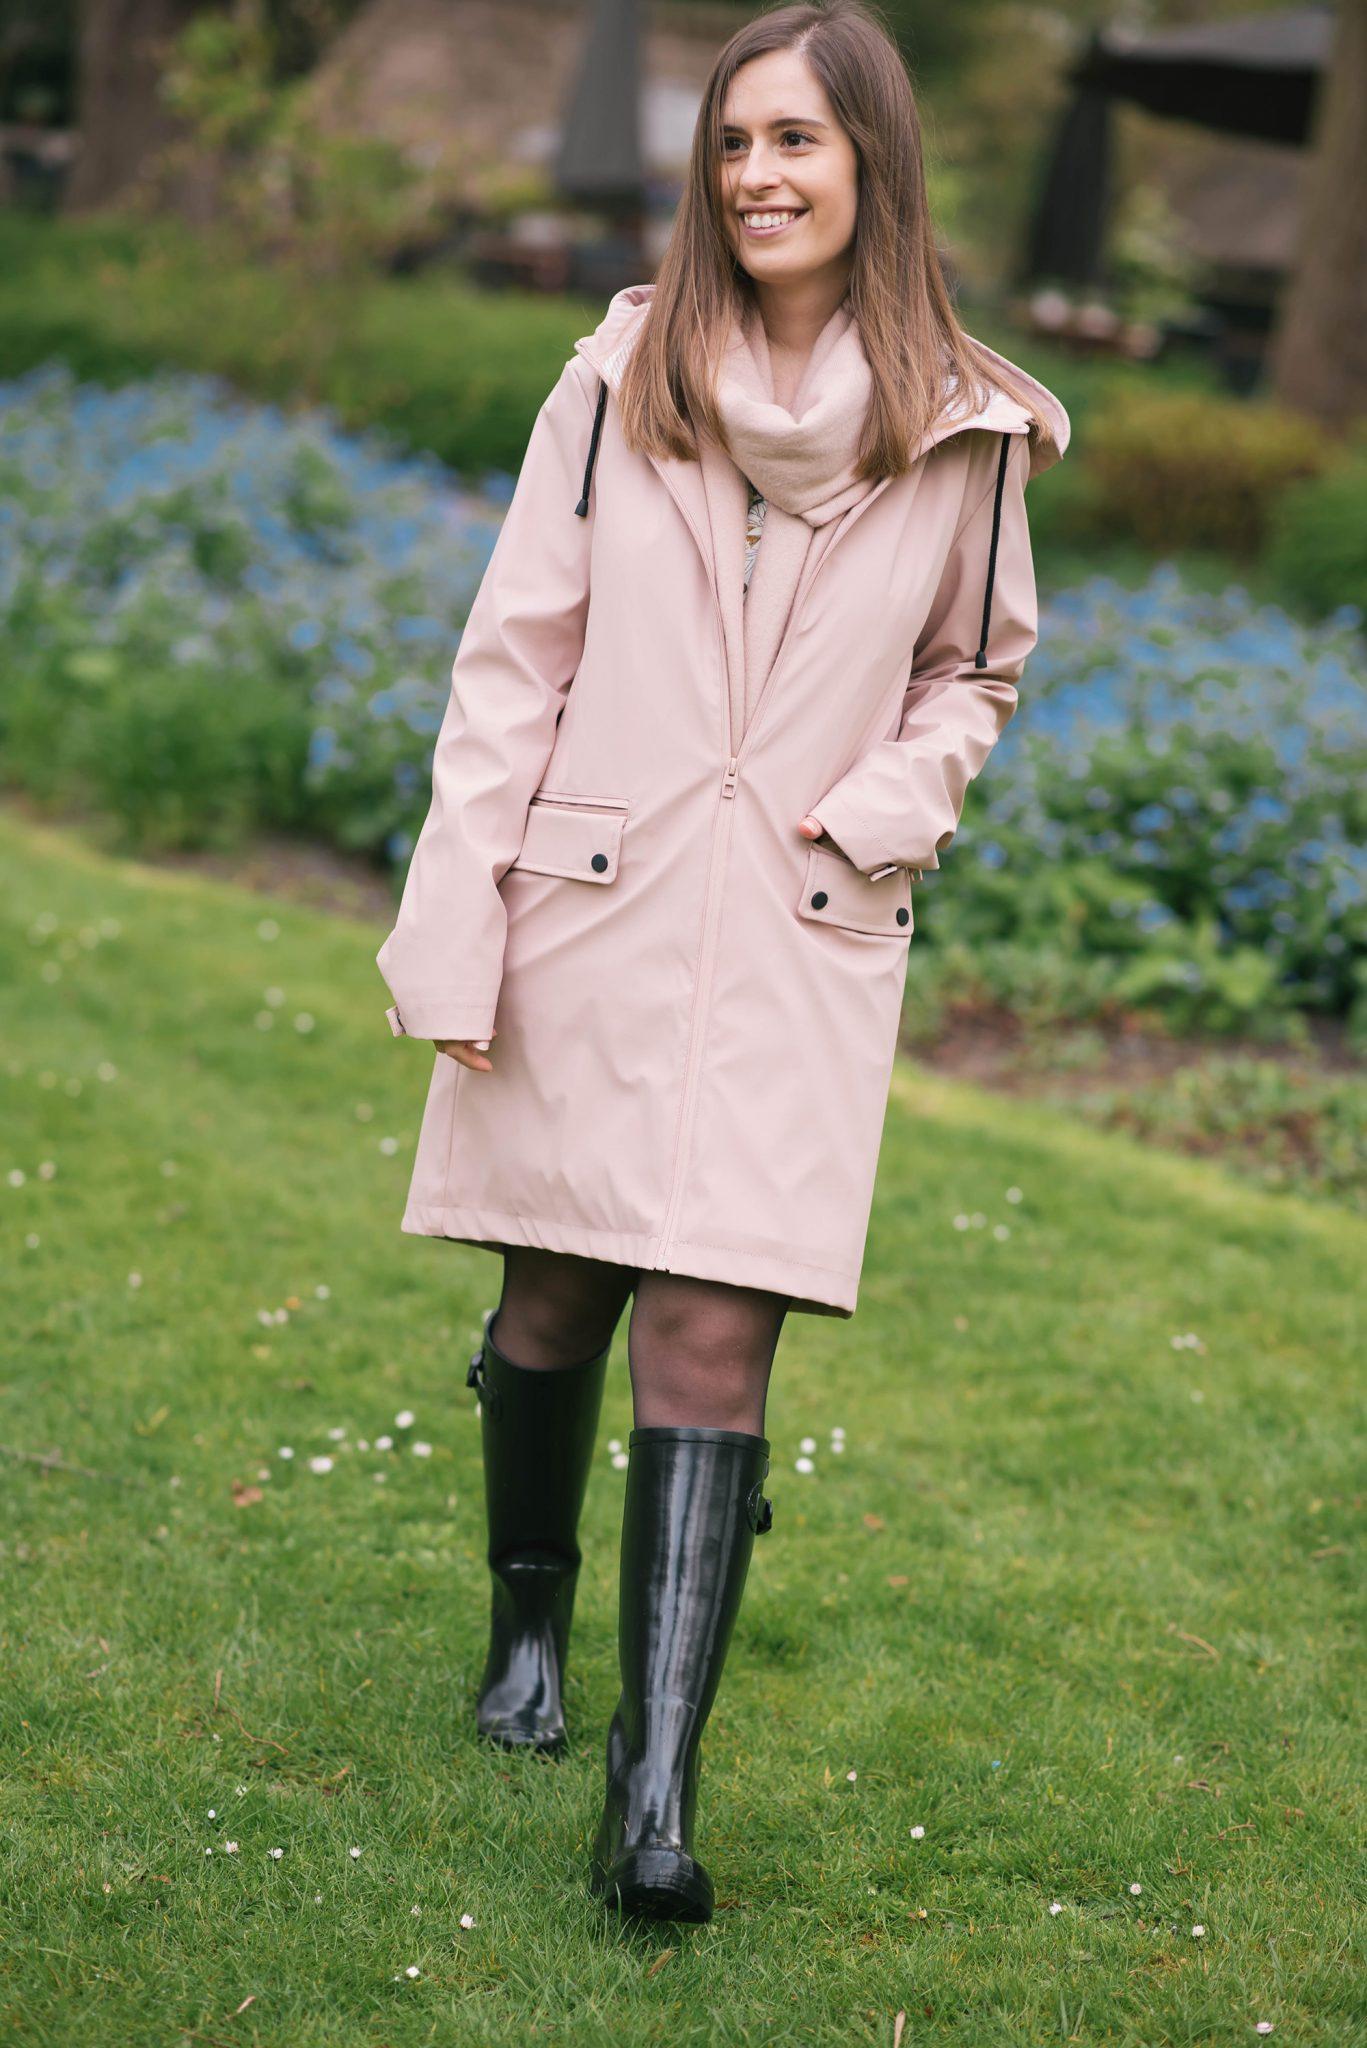 a-pink-raincoat-thepetitecat-stylish-raincoat-spring